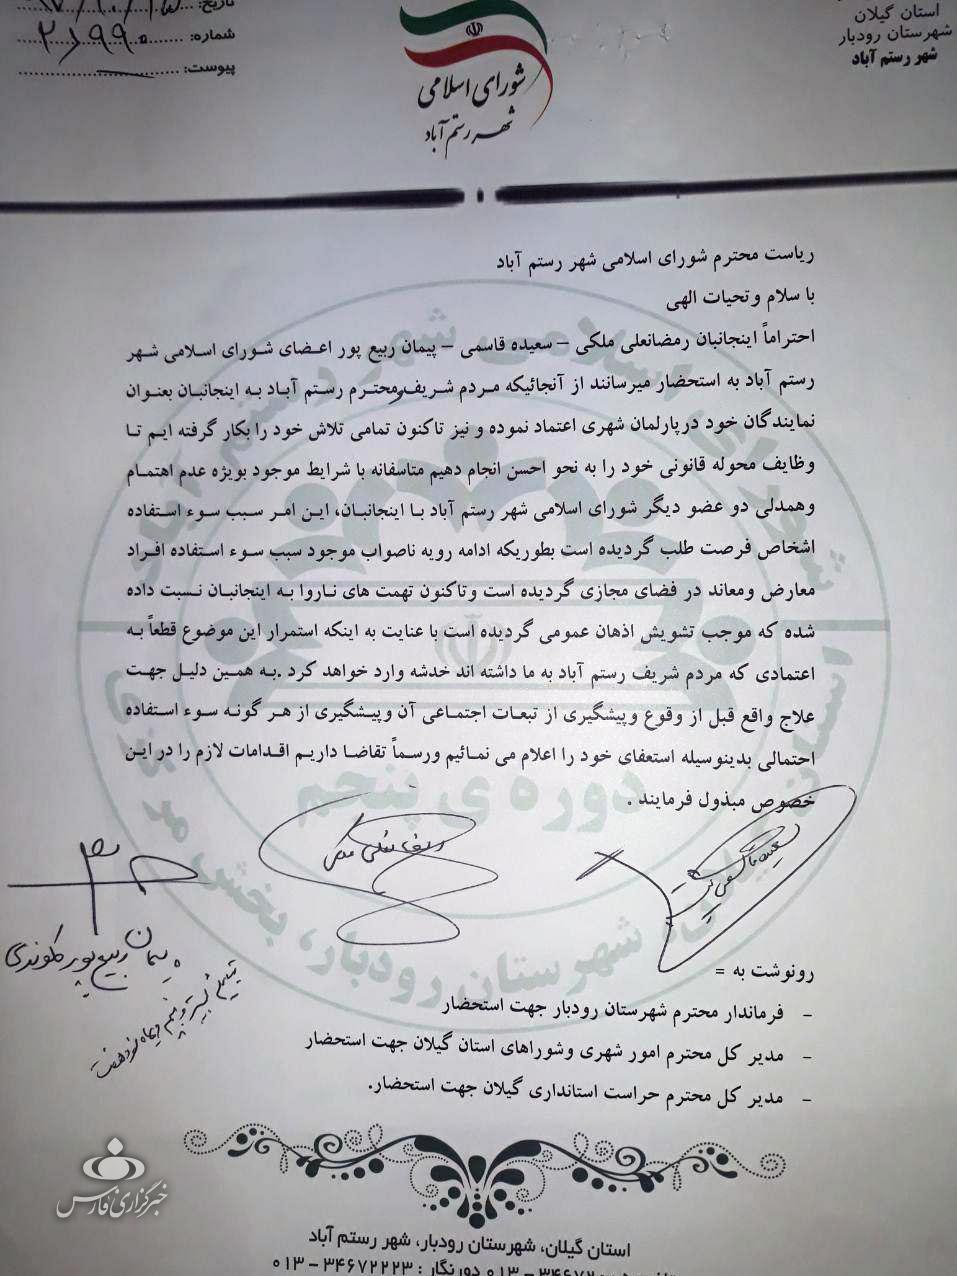 سه عضو شورای شهر رستمآباد استعفا کردند+ سند